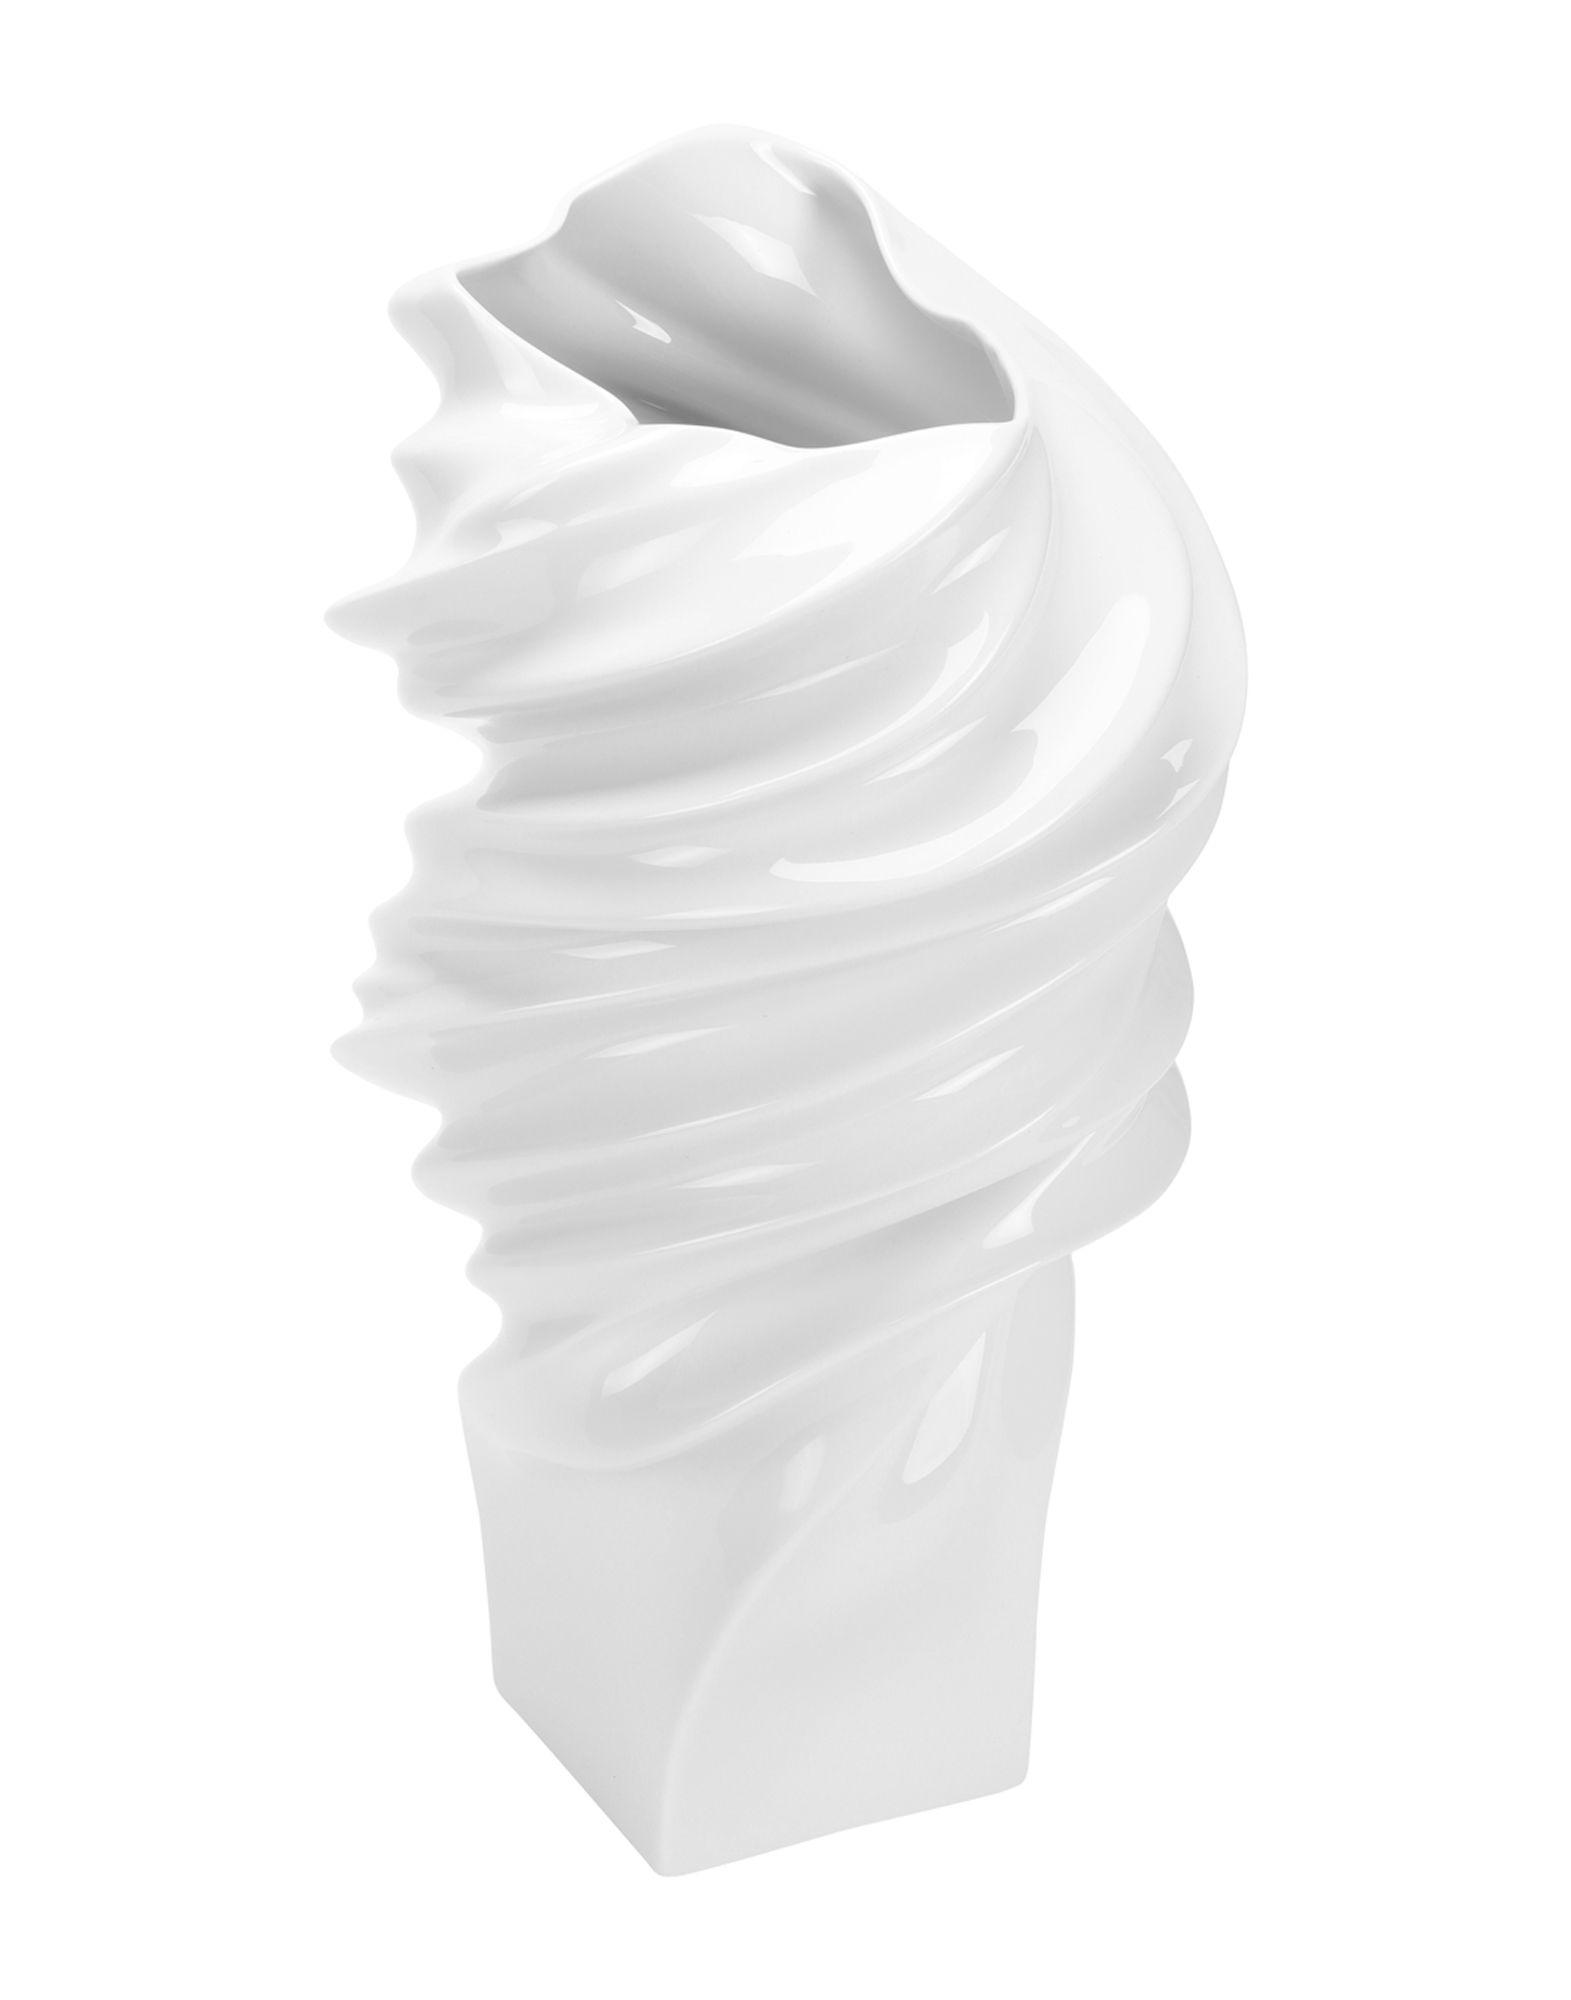 《期間限定セール開催中!》ROSENTHAL Unisex ベース ホワイト セラミック